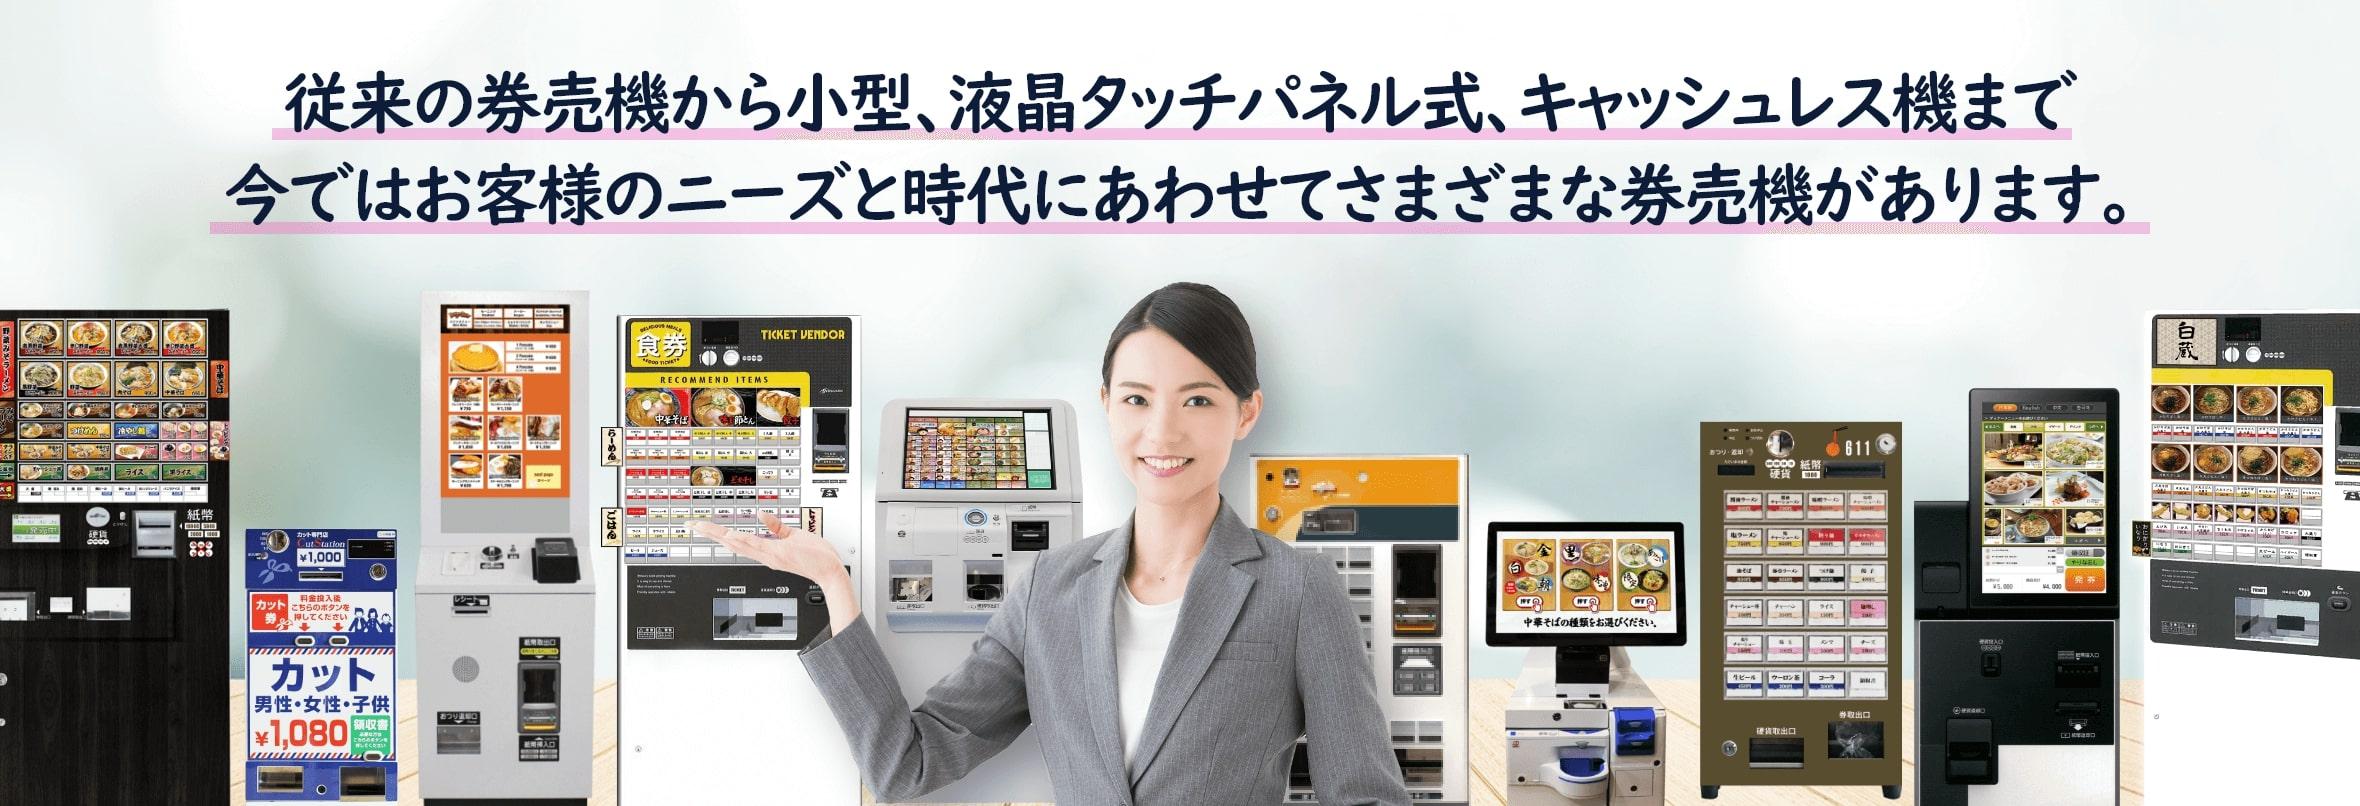 券売機JPには従来の券売機から小型、液晶タッチパネル式、キャッシュレス機までお客様のニーズと時代にあわせて様々な券売機があります。